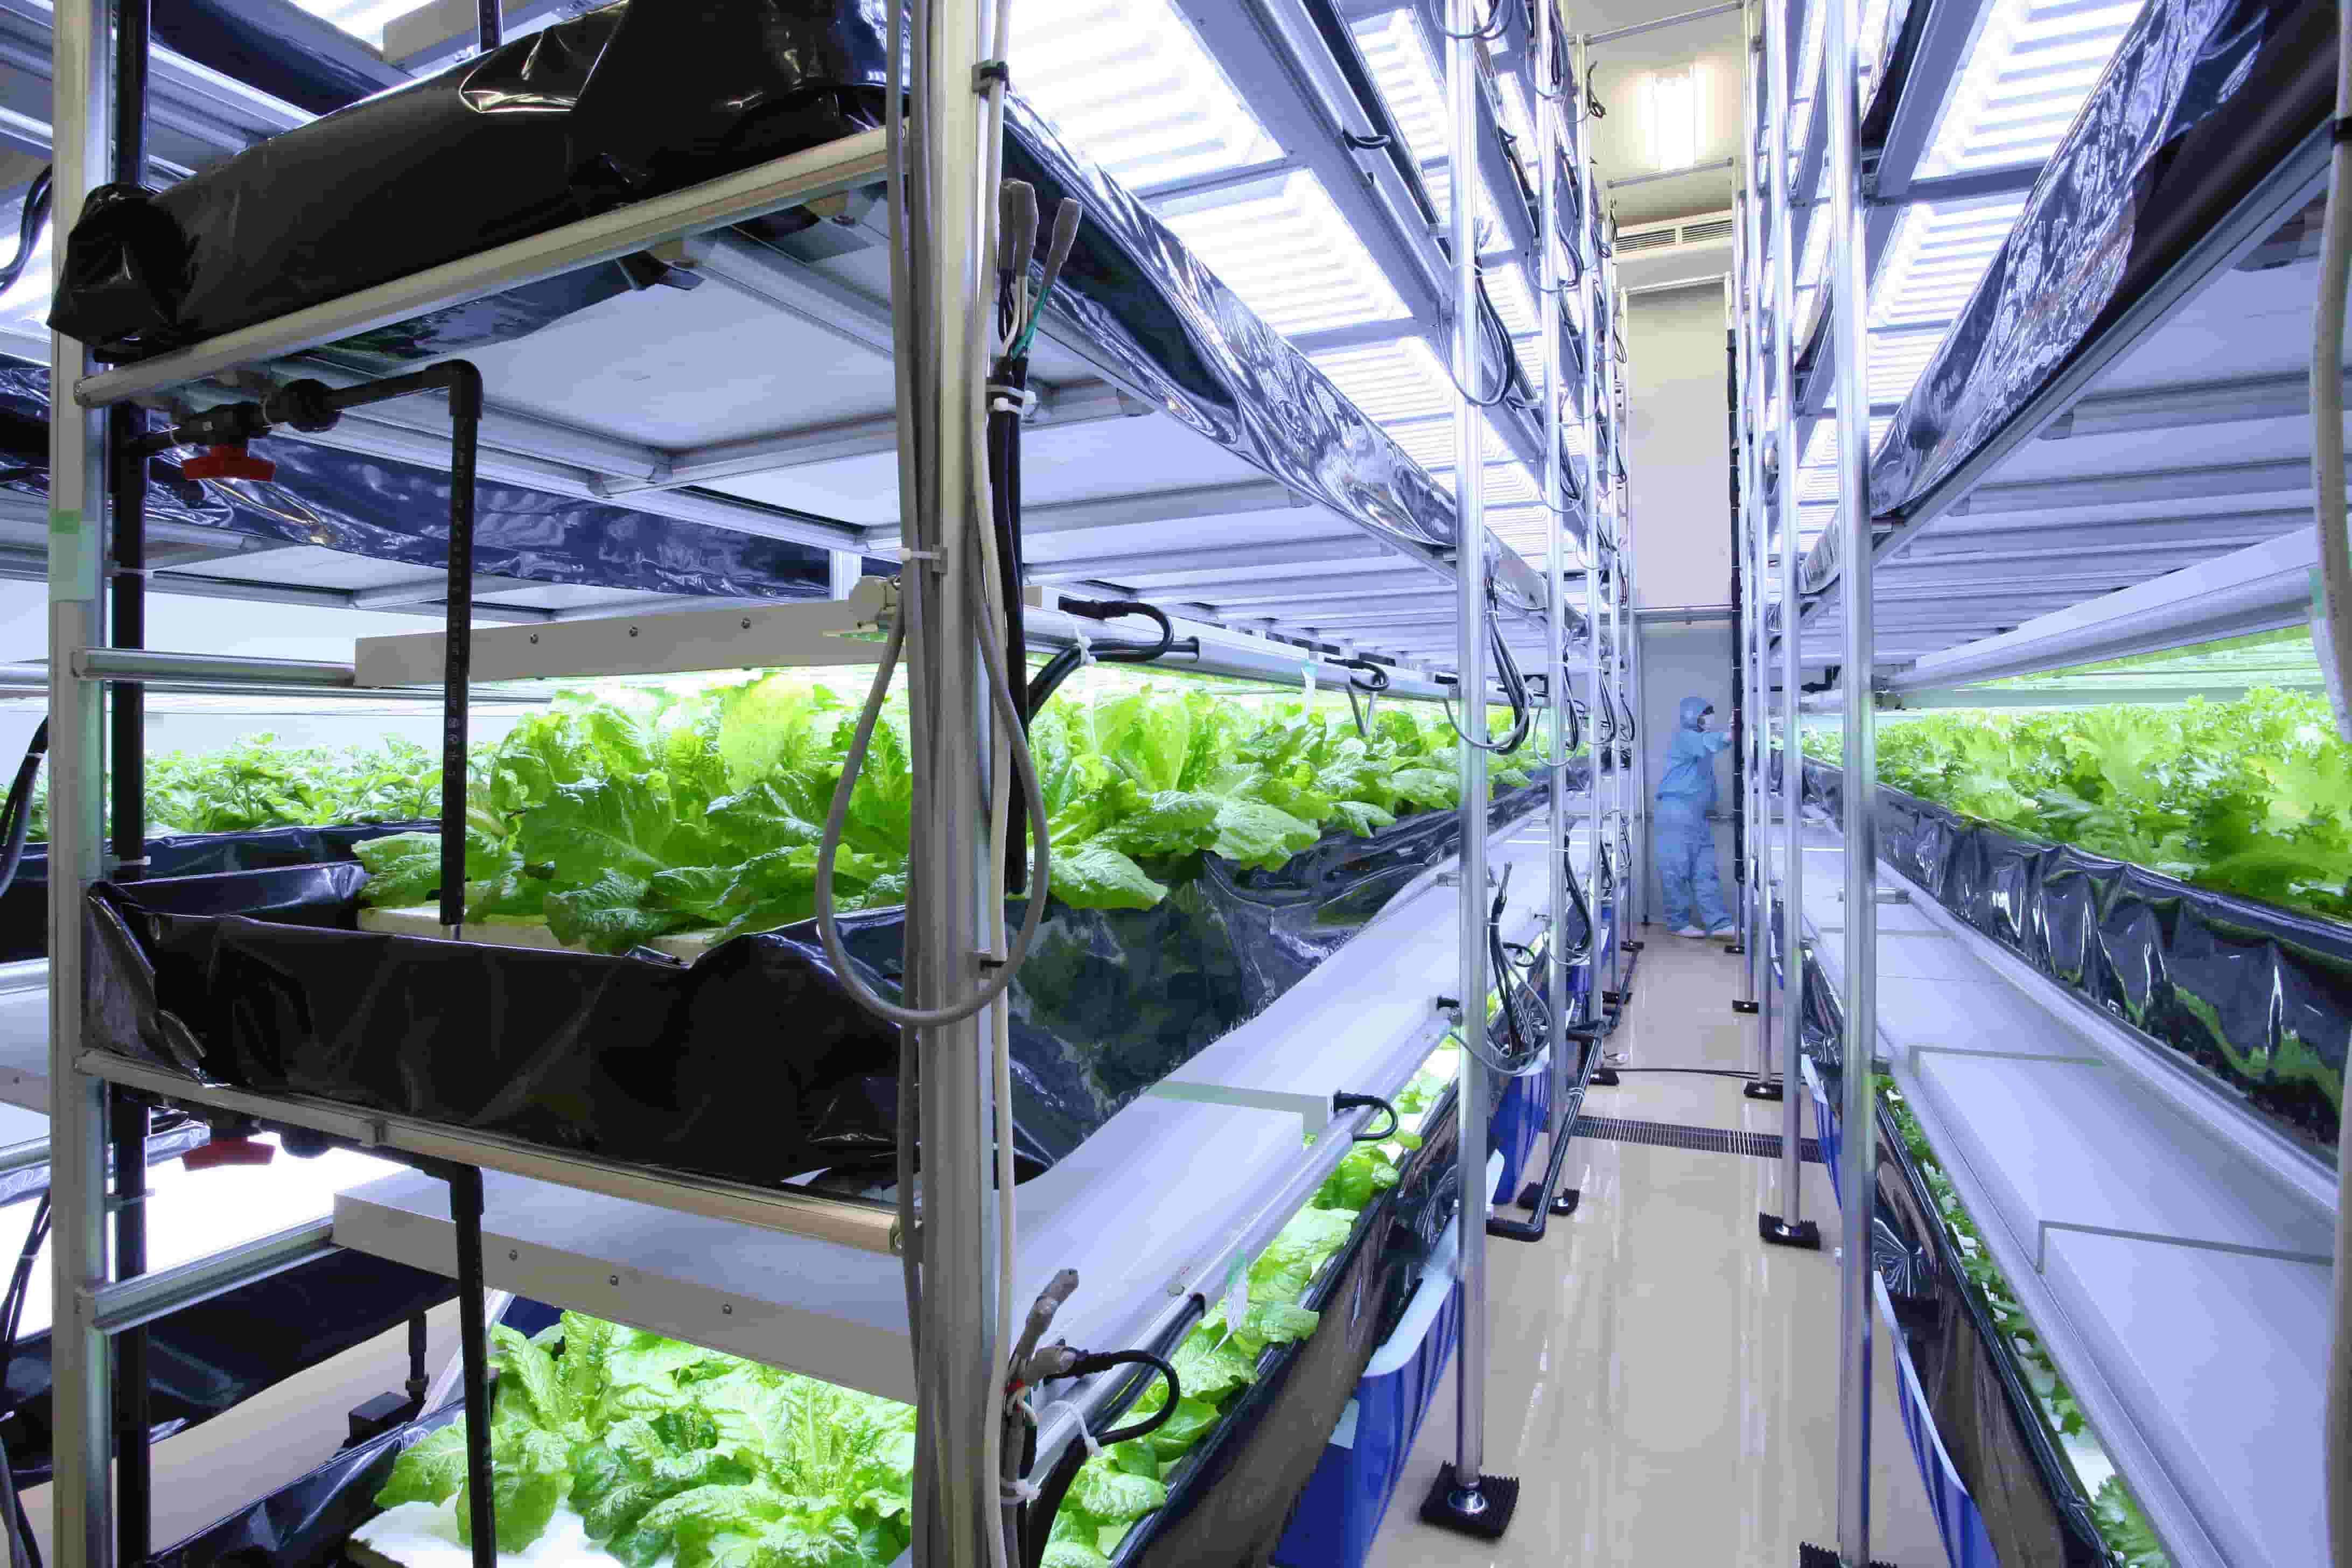 ベジママの原料に含まれる「アイスプラント」の植物工場 最新技術で管理されています!